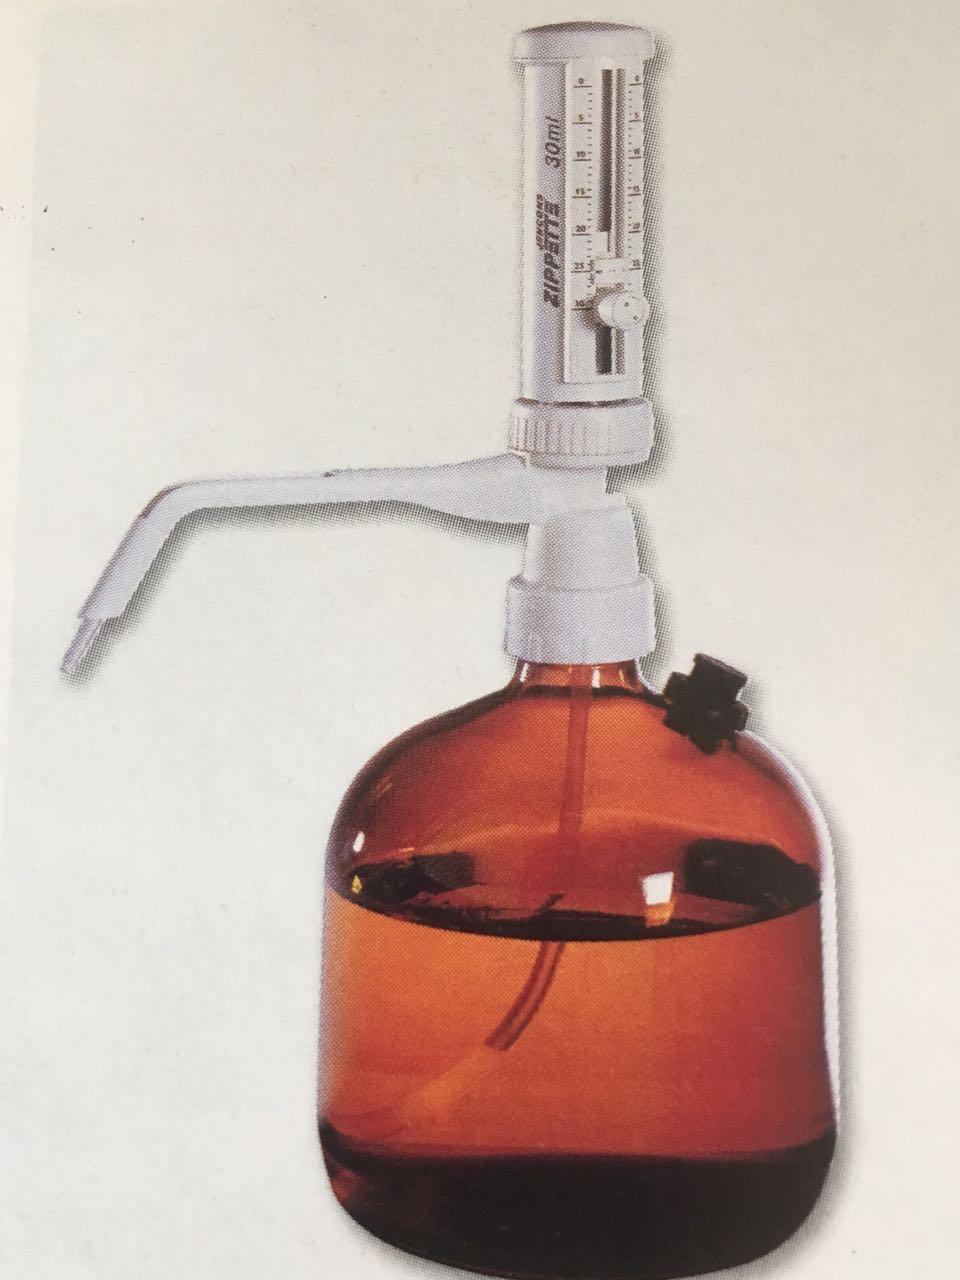 碳酸钠-碳酸氢钠缓冲液(0.1m)